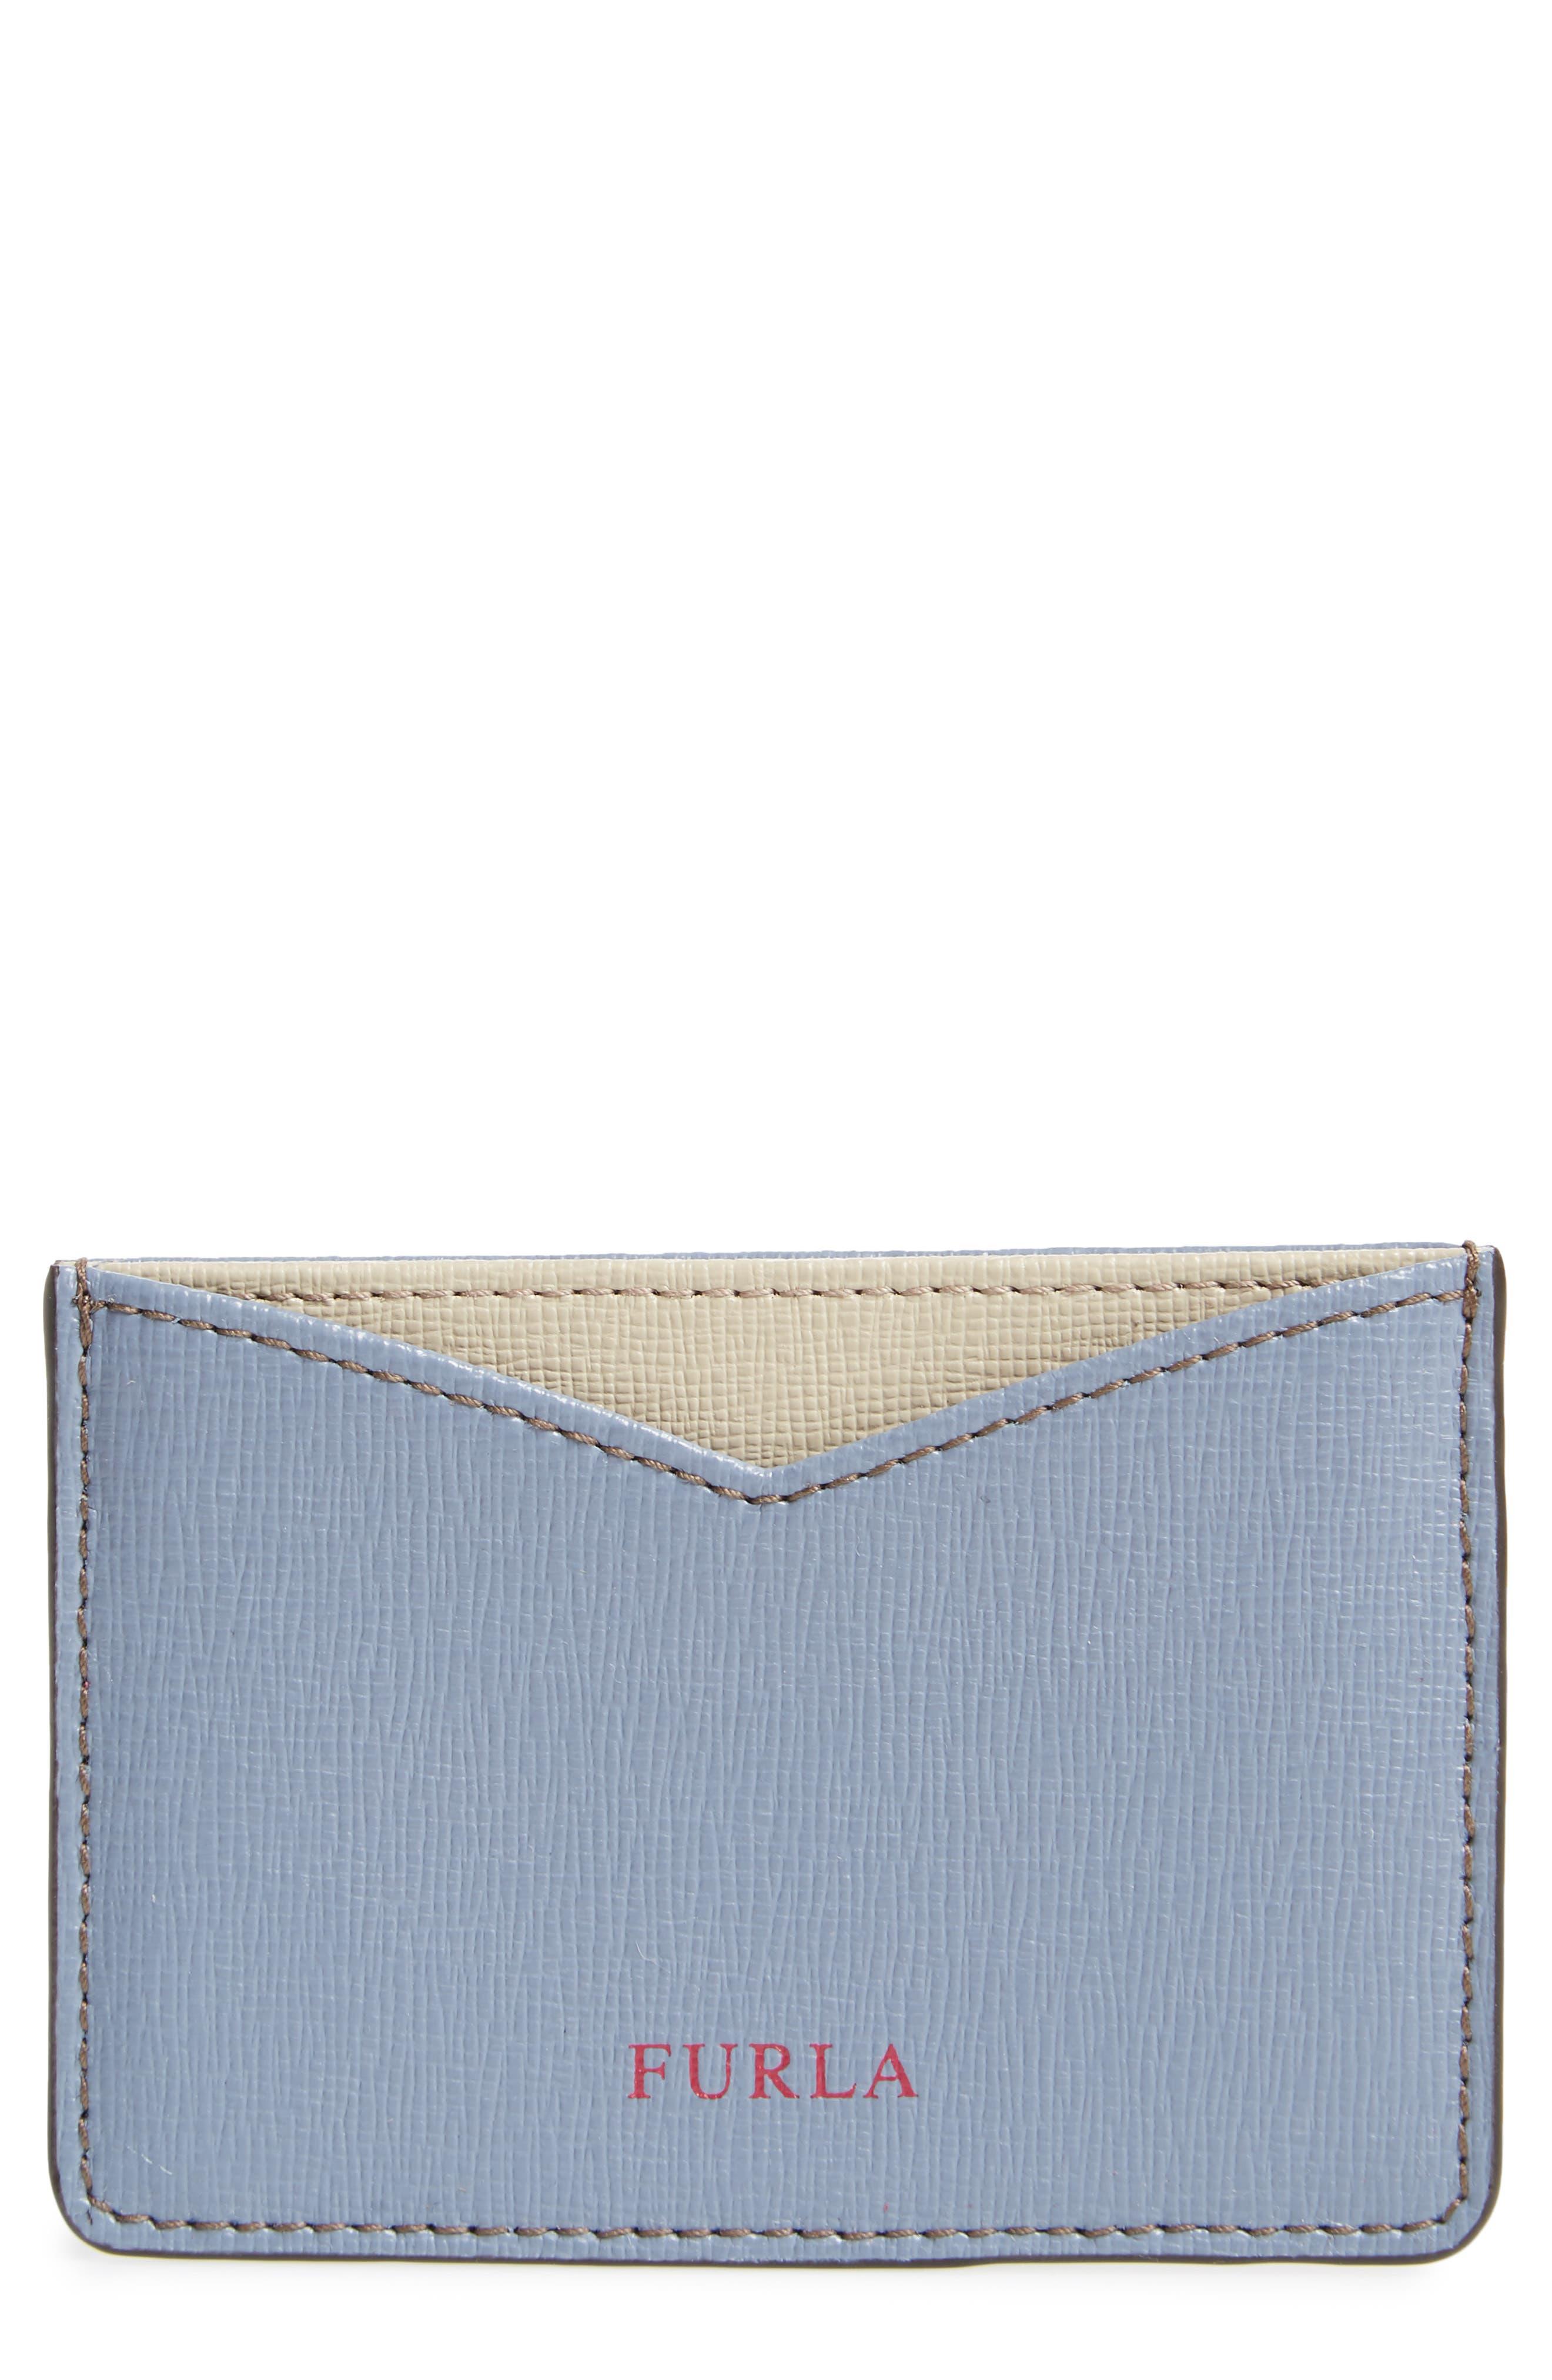 Gioia Saffiano Leather Card Case,                         Main,                         color, Tempesta+Creta